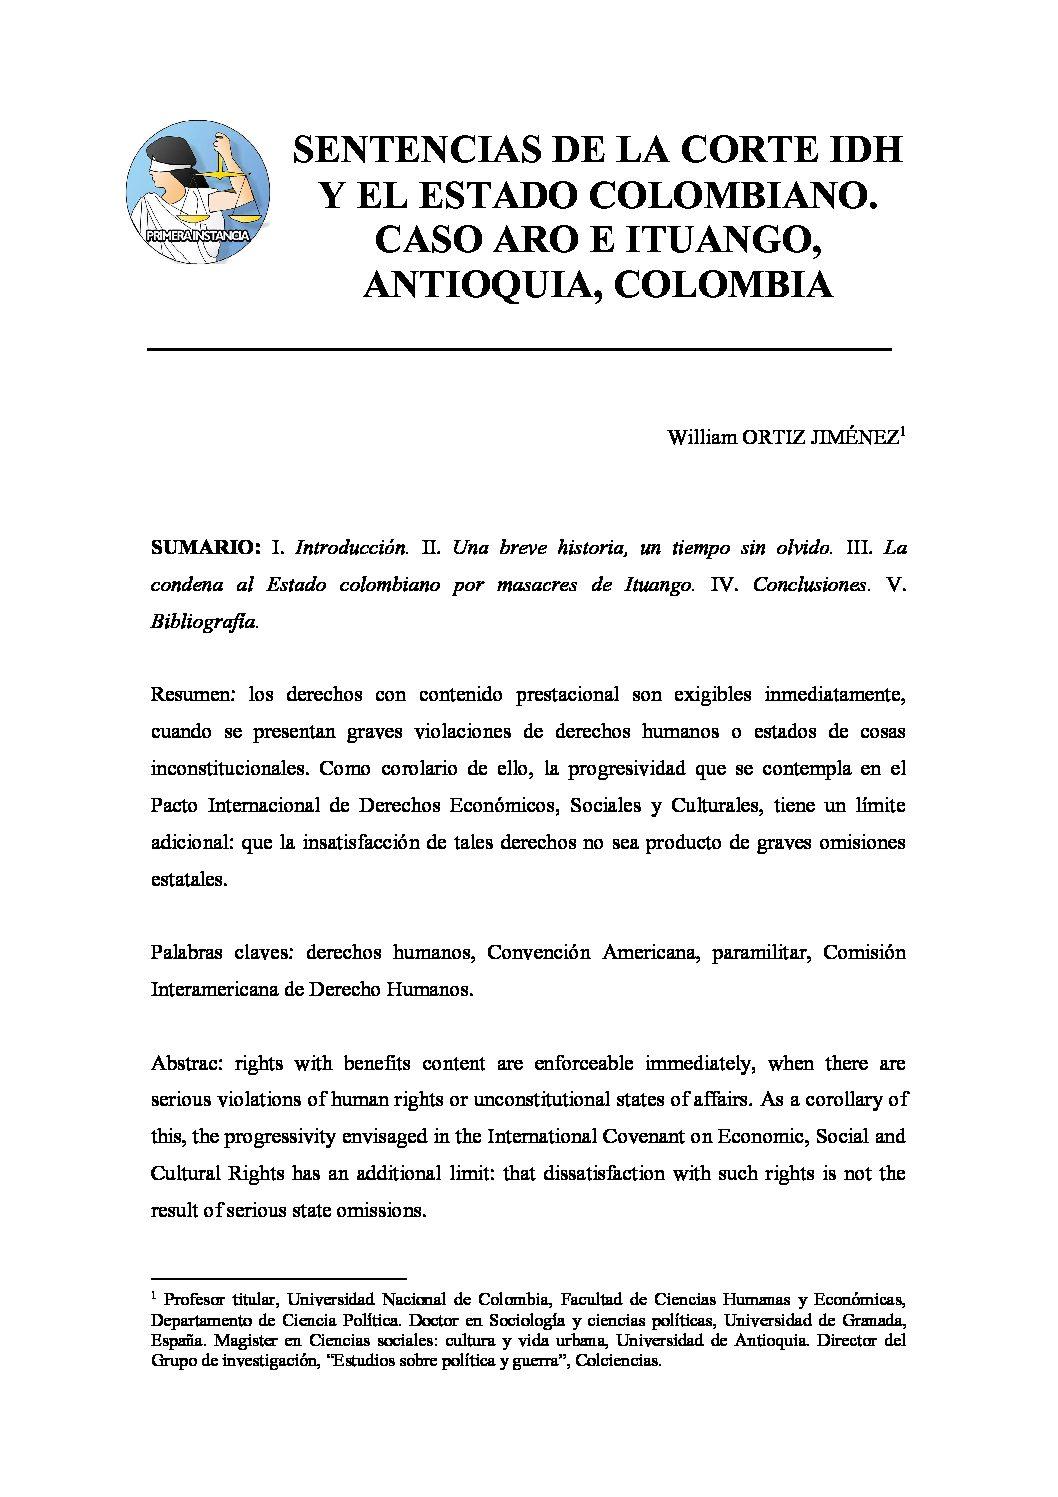 SENTENCIAS DE LA CORTE IDH Y EL ESTADO COLOMBIANO. CASO ARO E ITUANGO, ANTIOQUIA, COLOMBIA, William Ortiz Jiménez